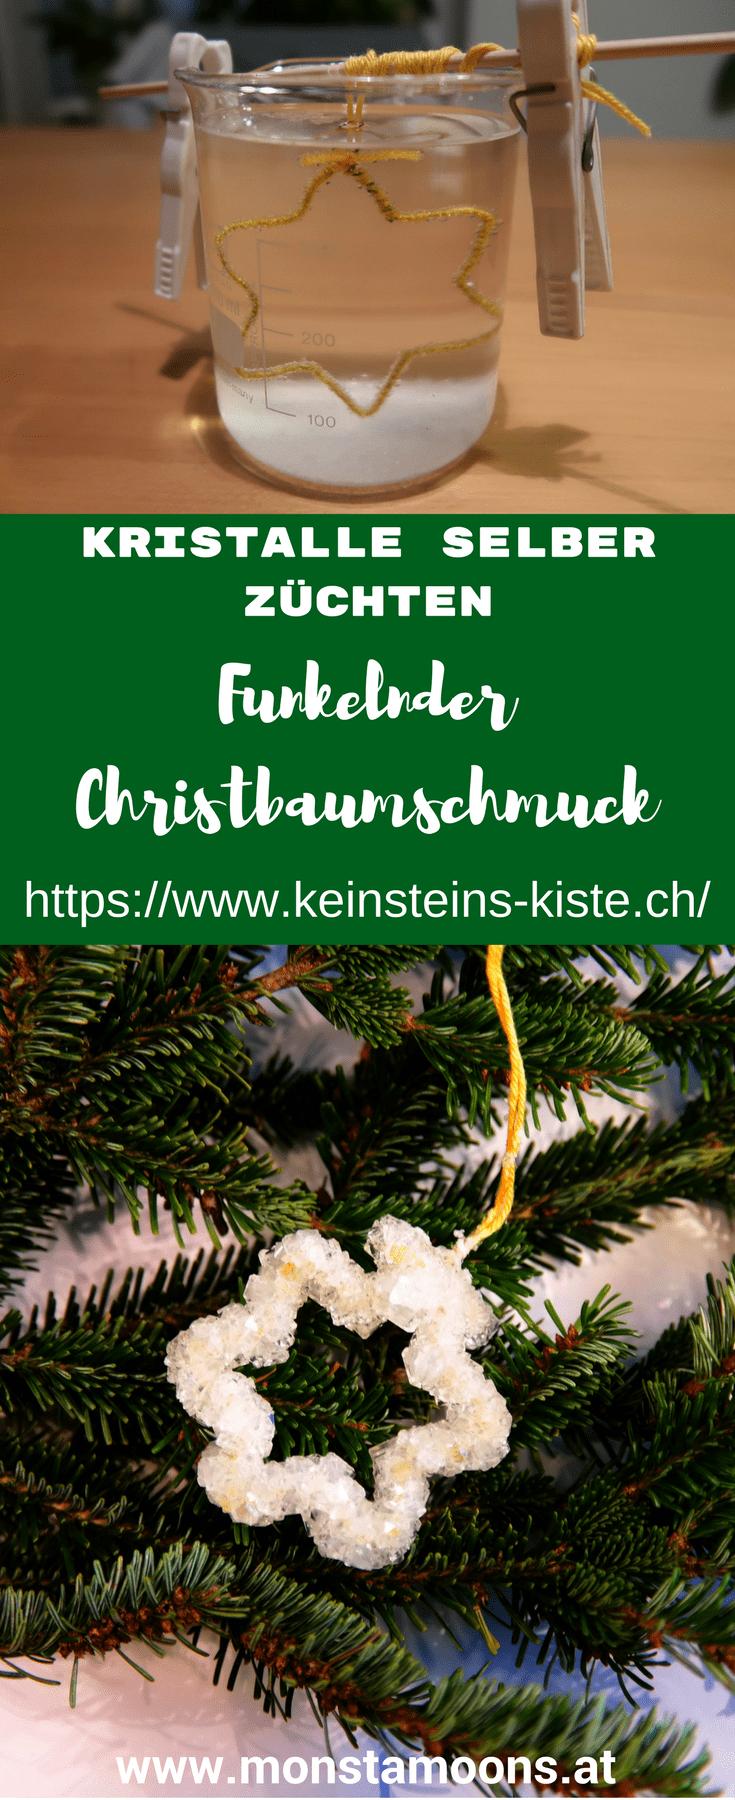 Funkelnder Christbaumschmuck – Kristalle selber züchten #christbaumschmuckbastelnkinder